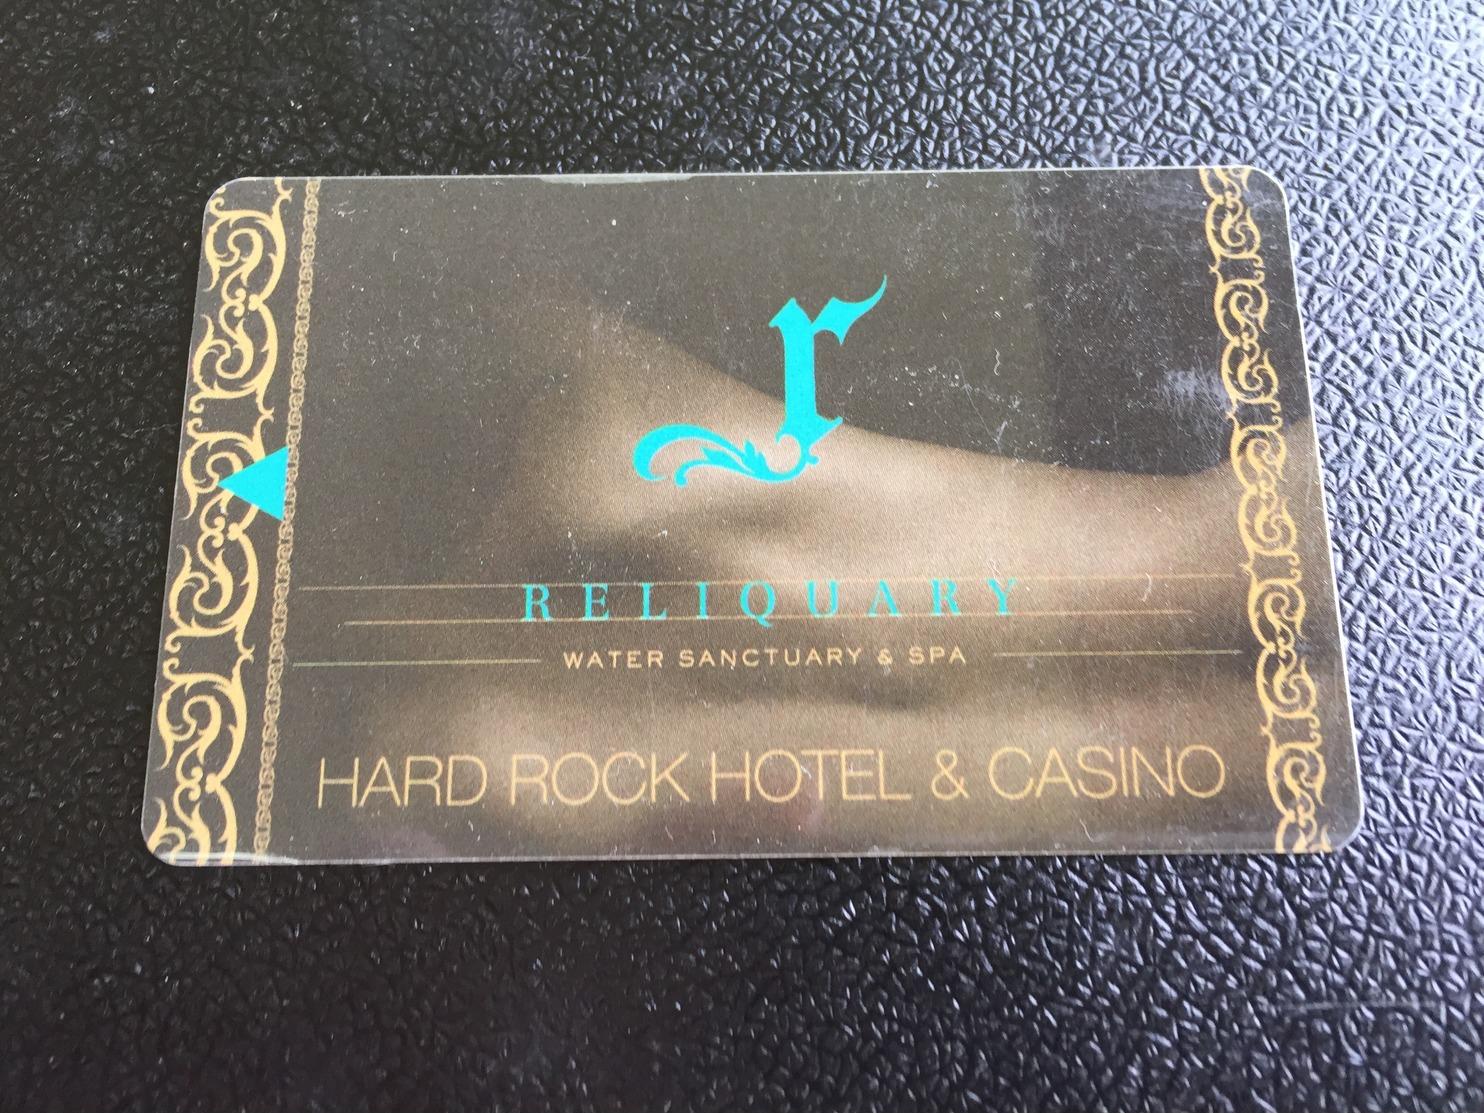 Hotelkarte Room Key Keycard Clef De Hotel Tarjeta Hotel HARD ROCK HOTEL LAS VEGAS RELIQUARY - Telefonkarten